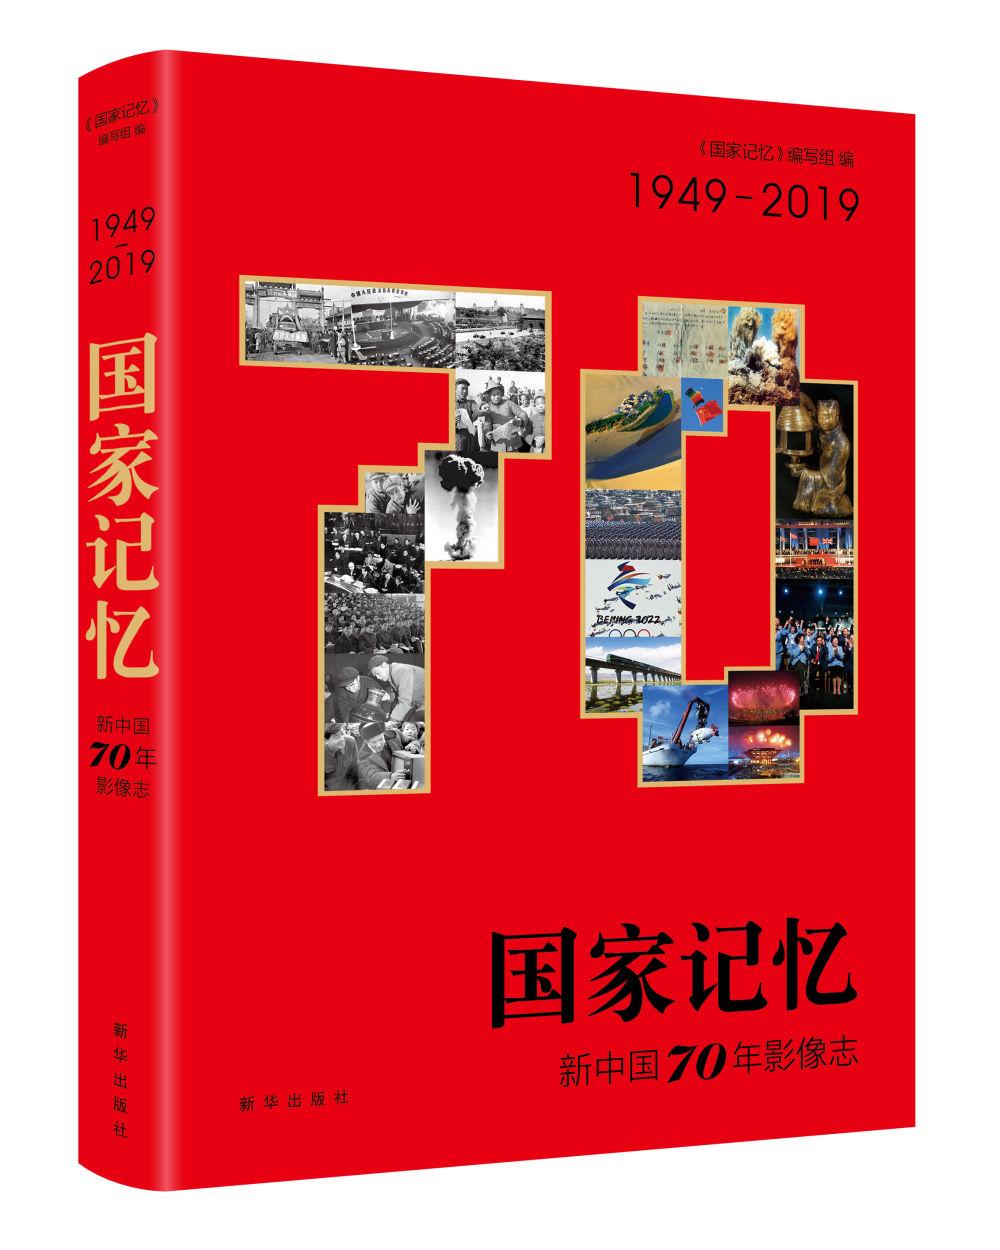 《国家记忆:新中国70年影像志》出版发行